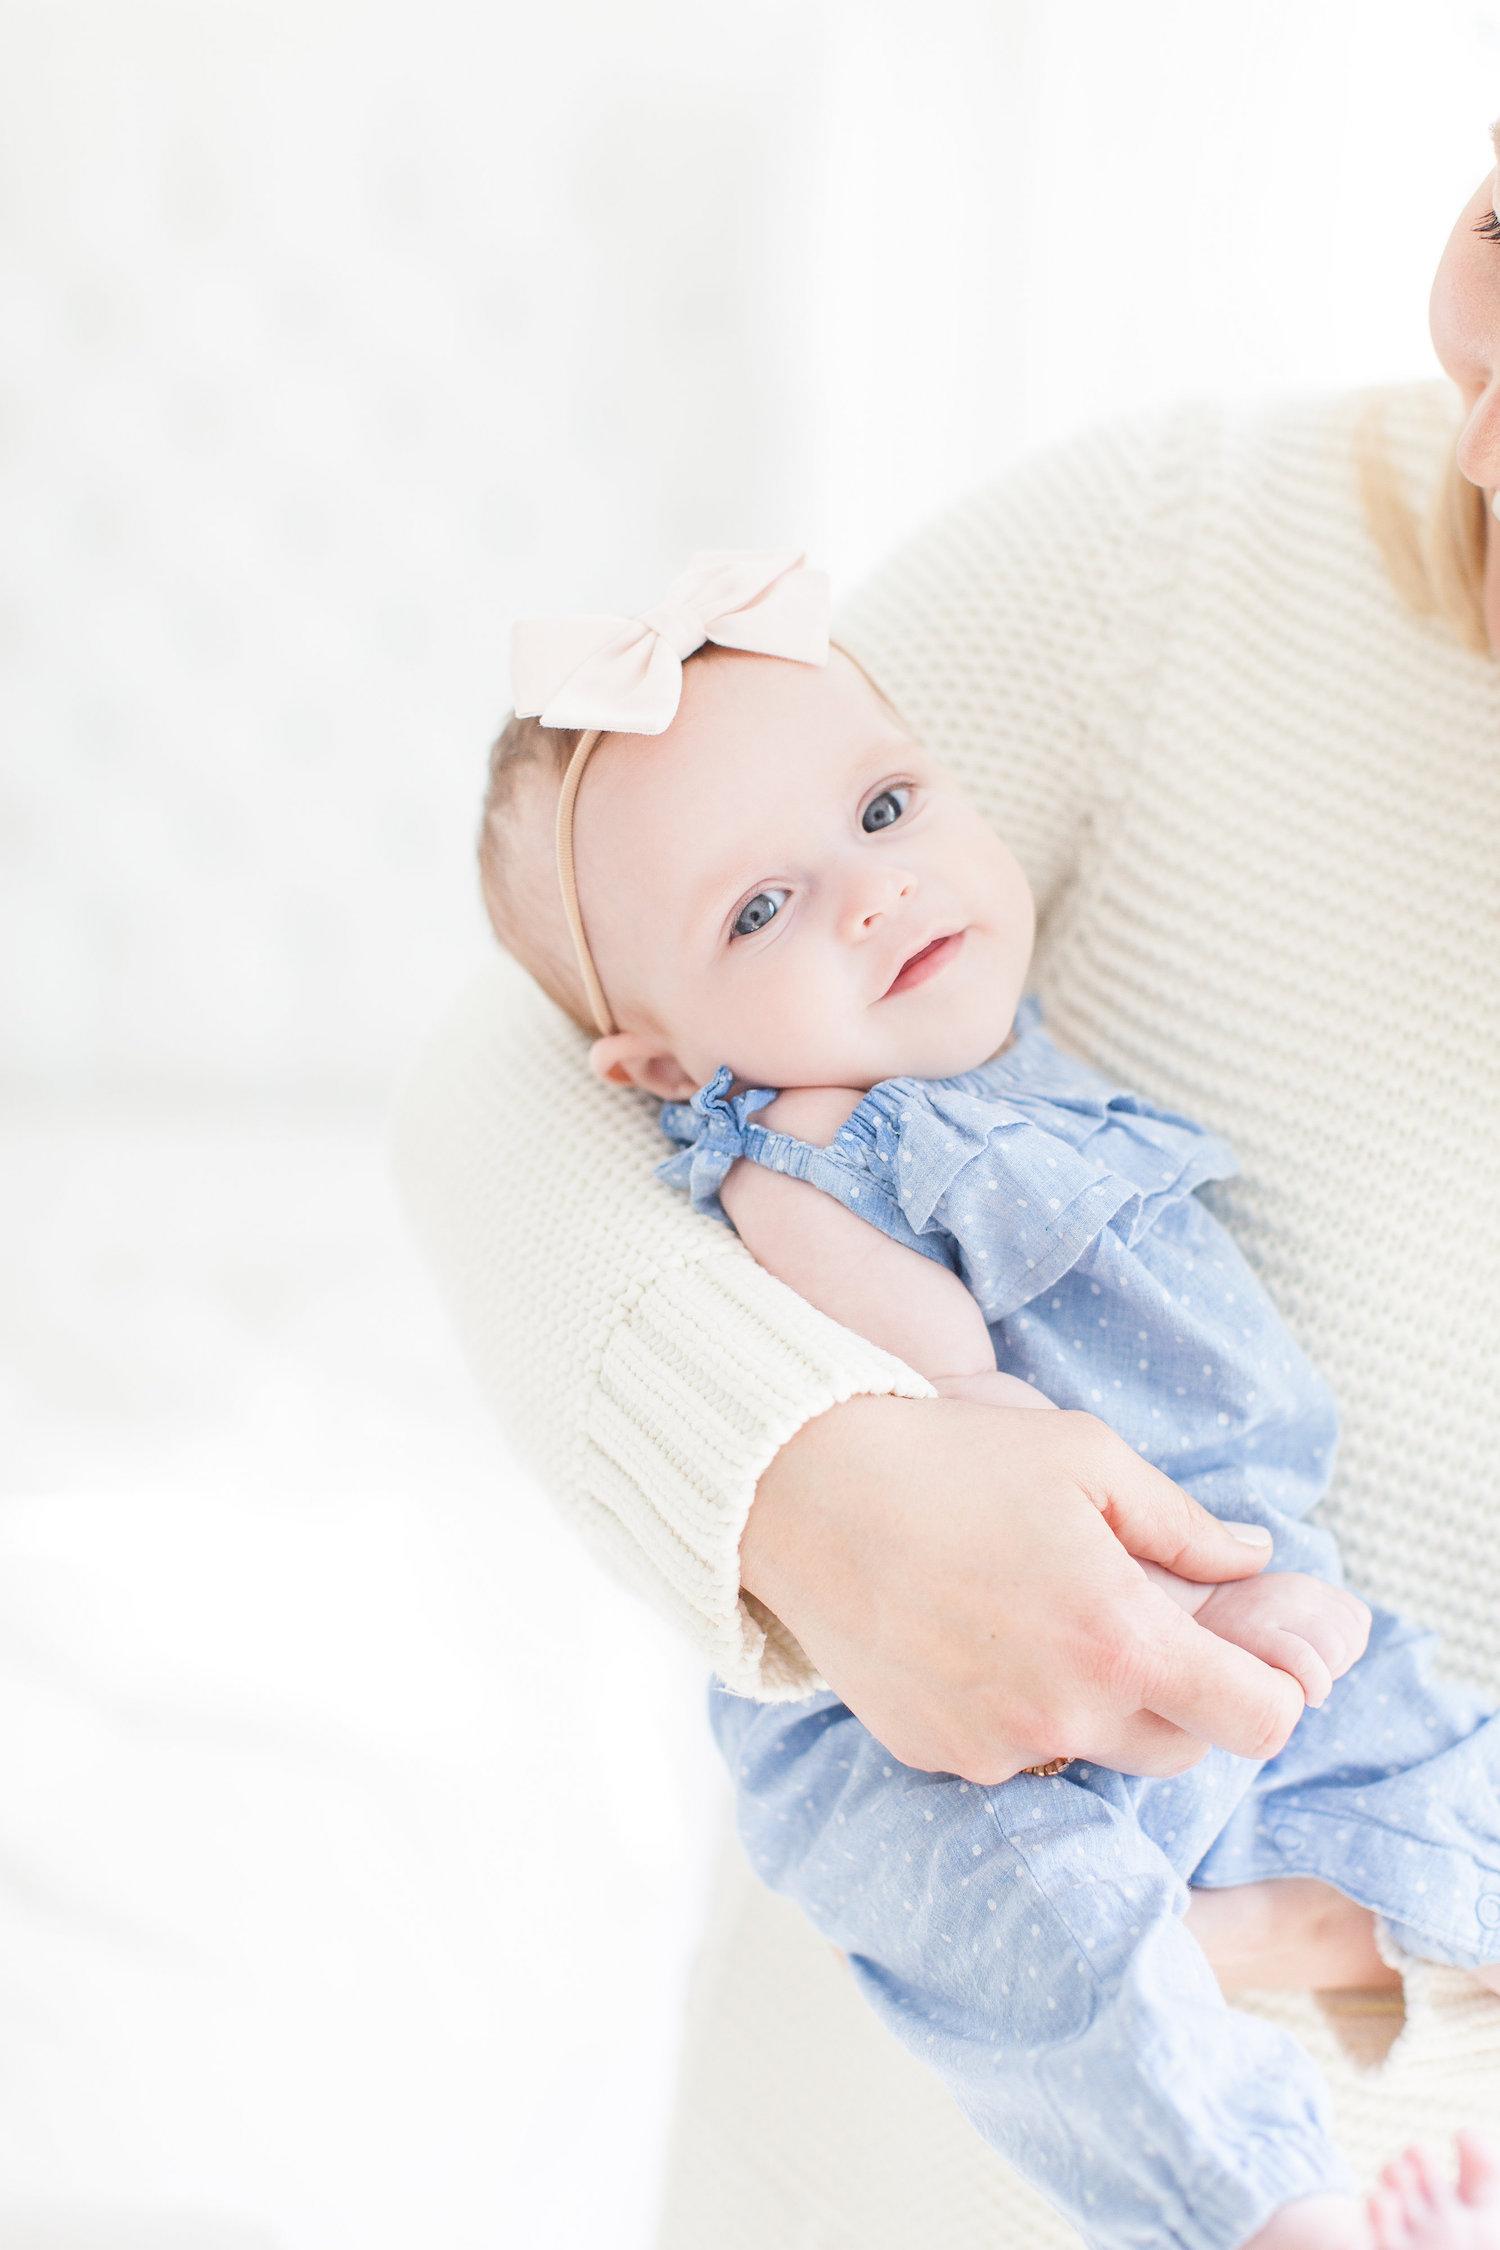 h&m kids fashion baby girl monika hibbs